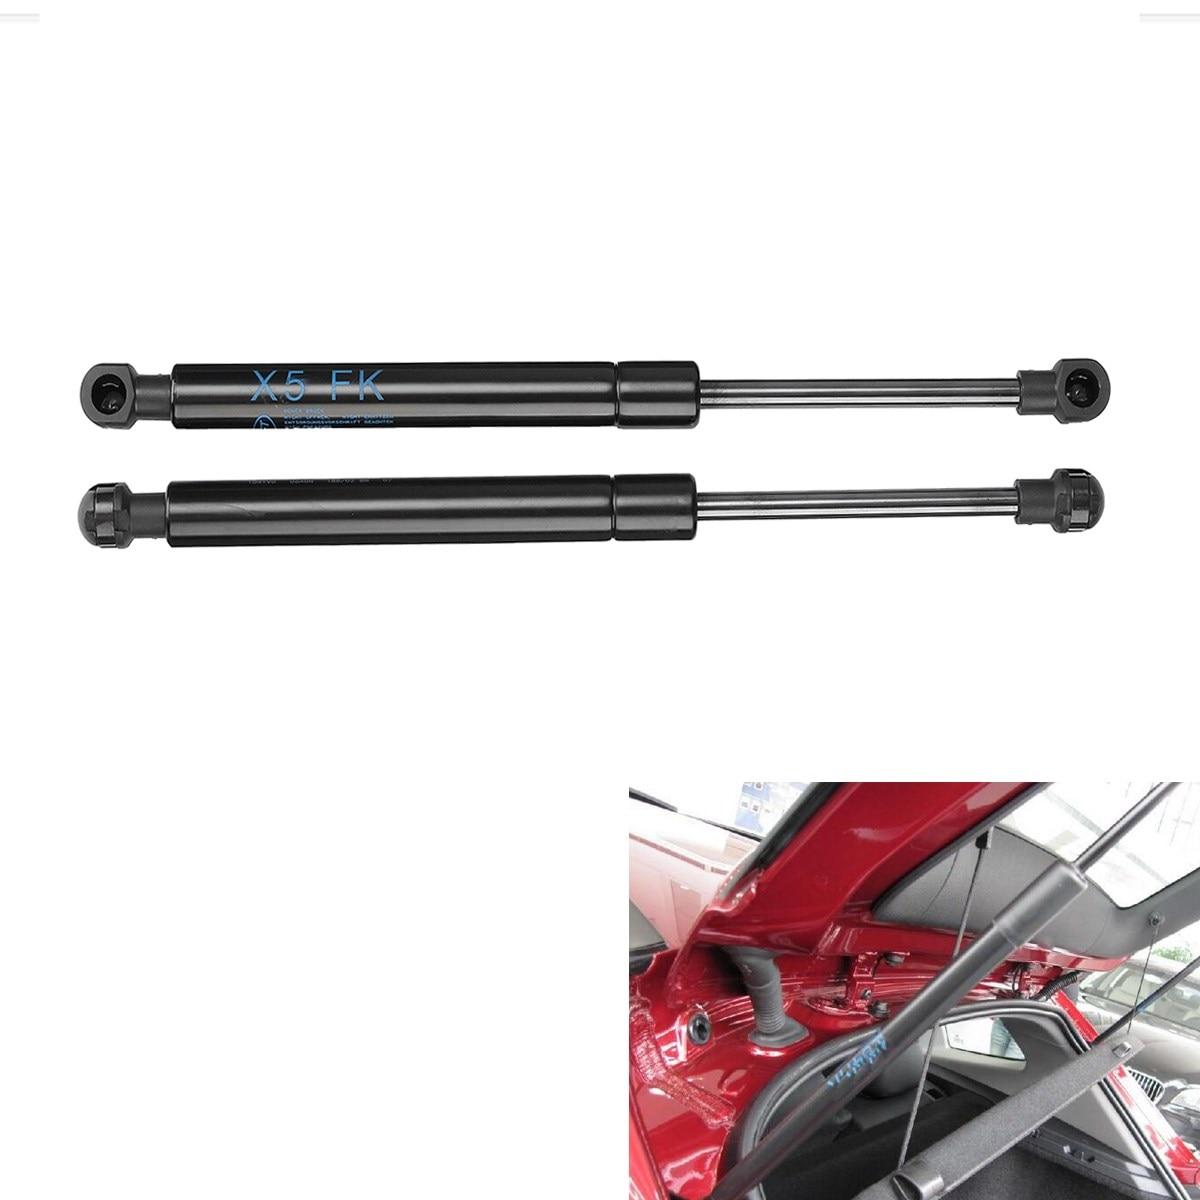 2 adet Kaput Kaldırma Desteği Struts Şok Yayları Prop Rod BMW X5 E53 2000-2006